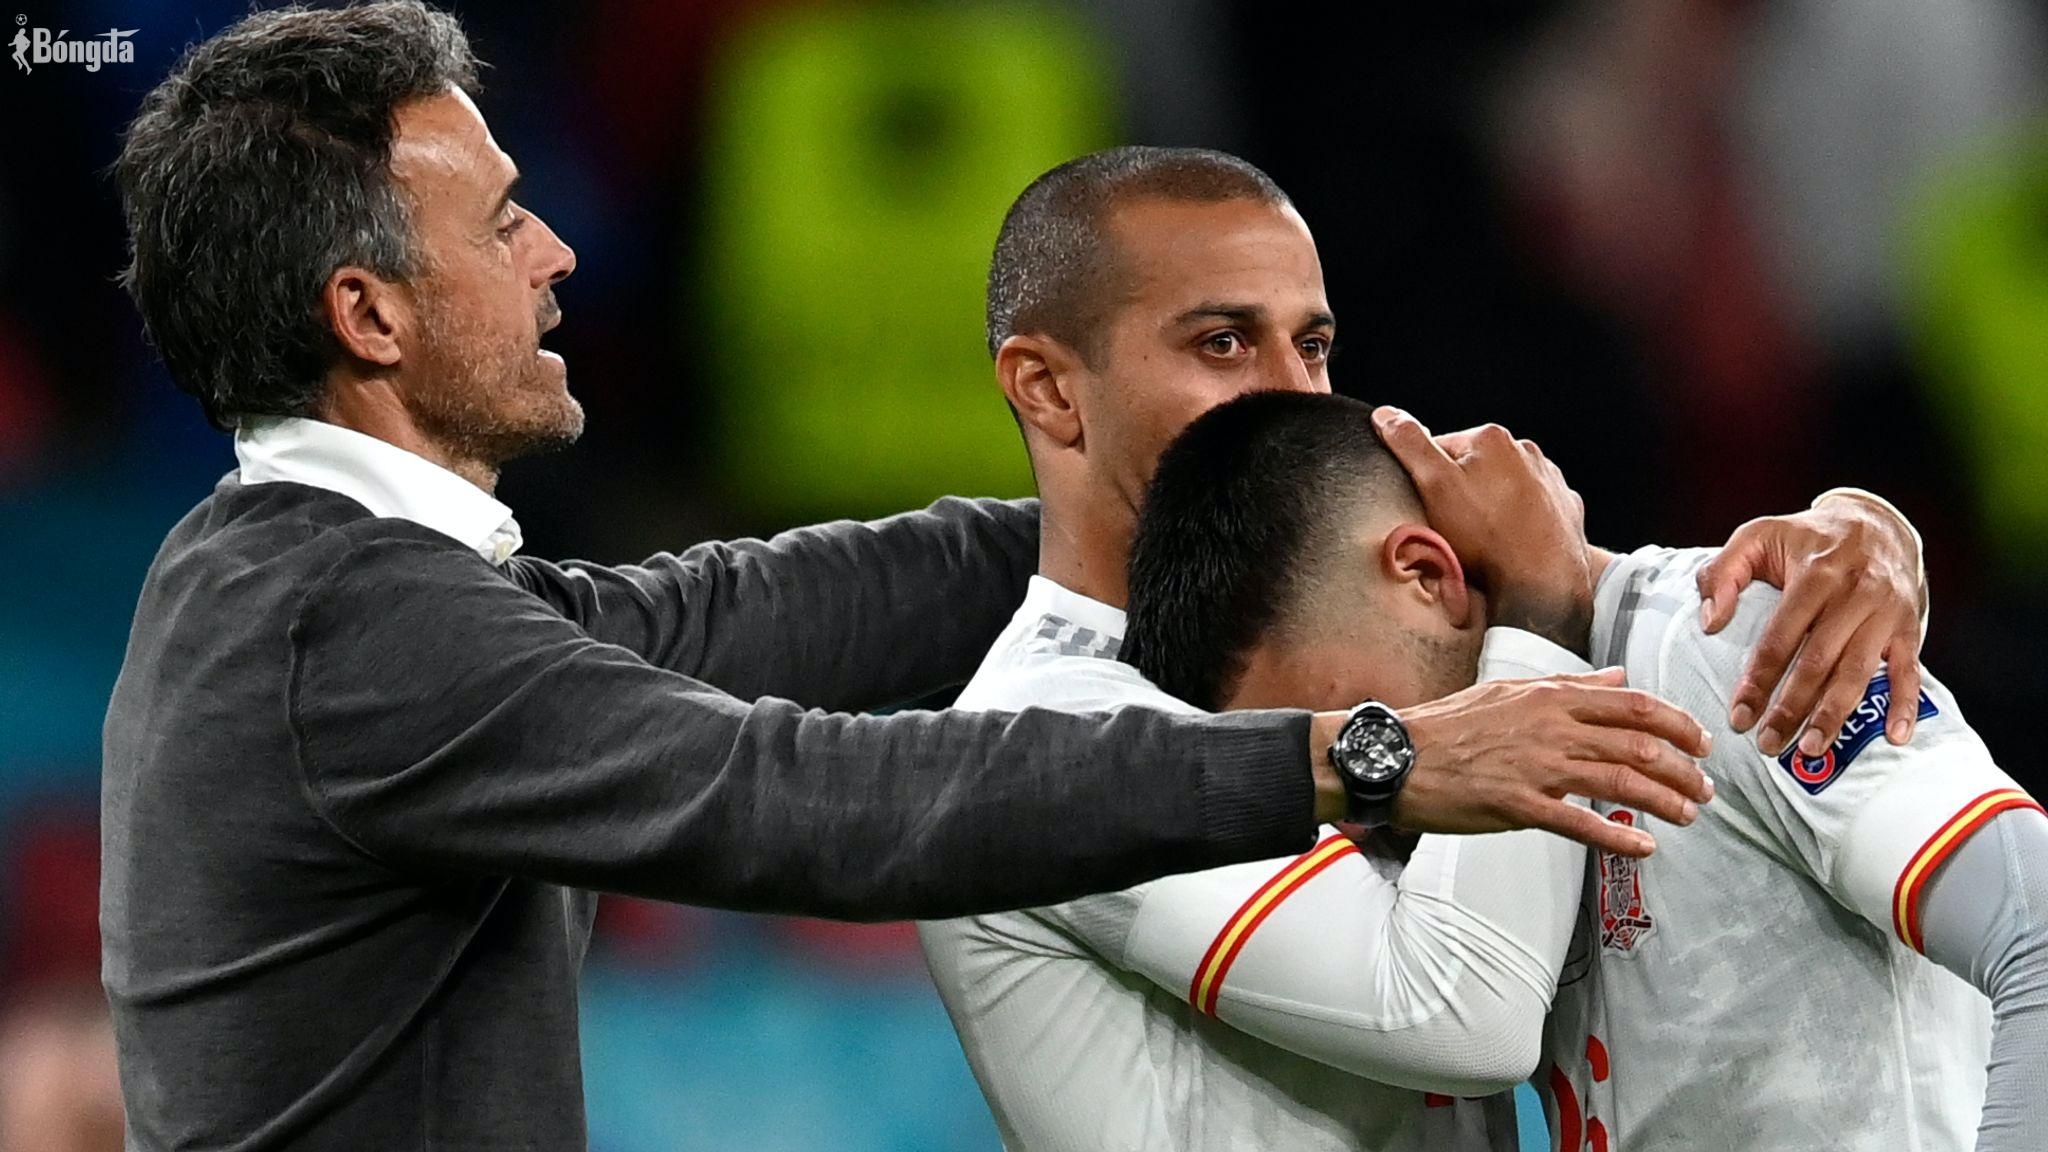 """HLV Luis Enrique không hề thất vọng mà còn rất tự hào: """"Chúng tôi đã có kỳ EURO tuyệt vời"""""""